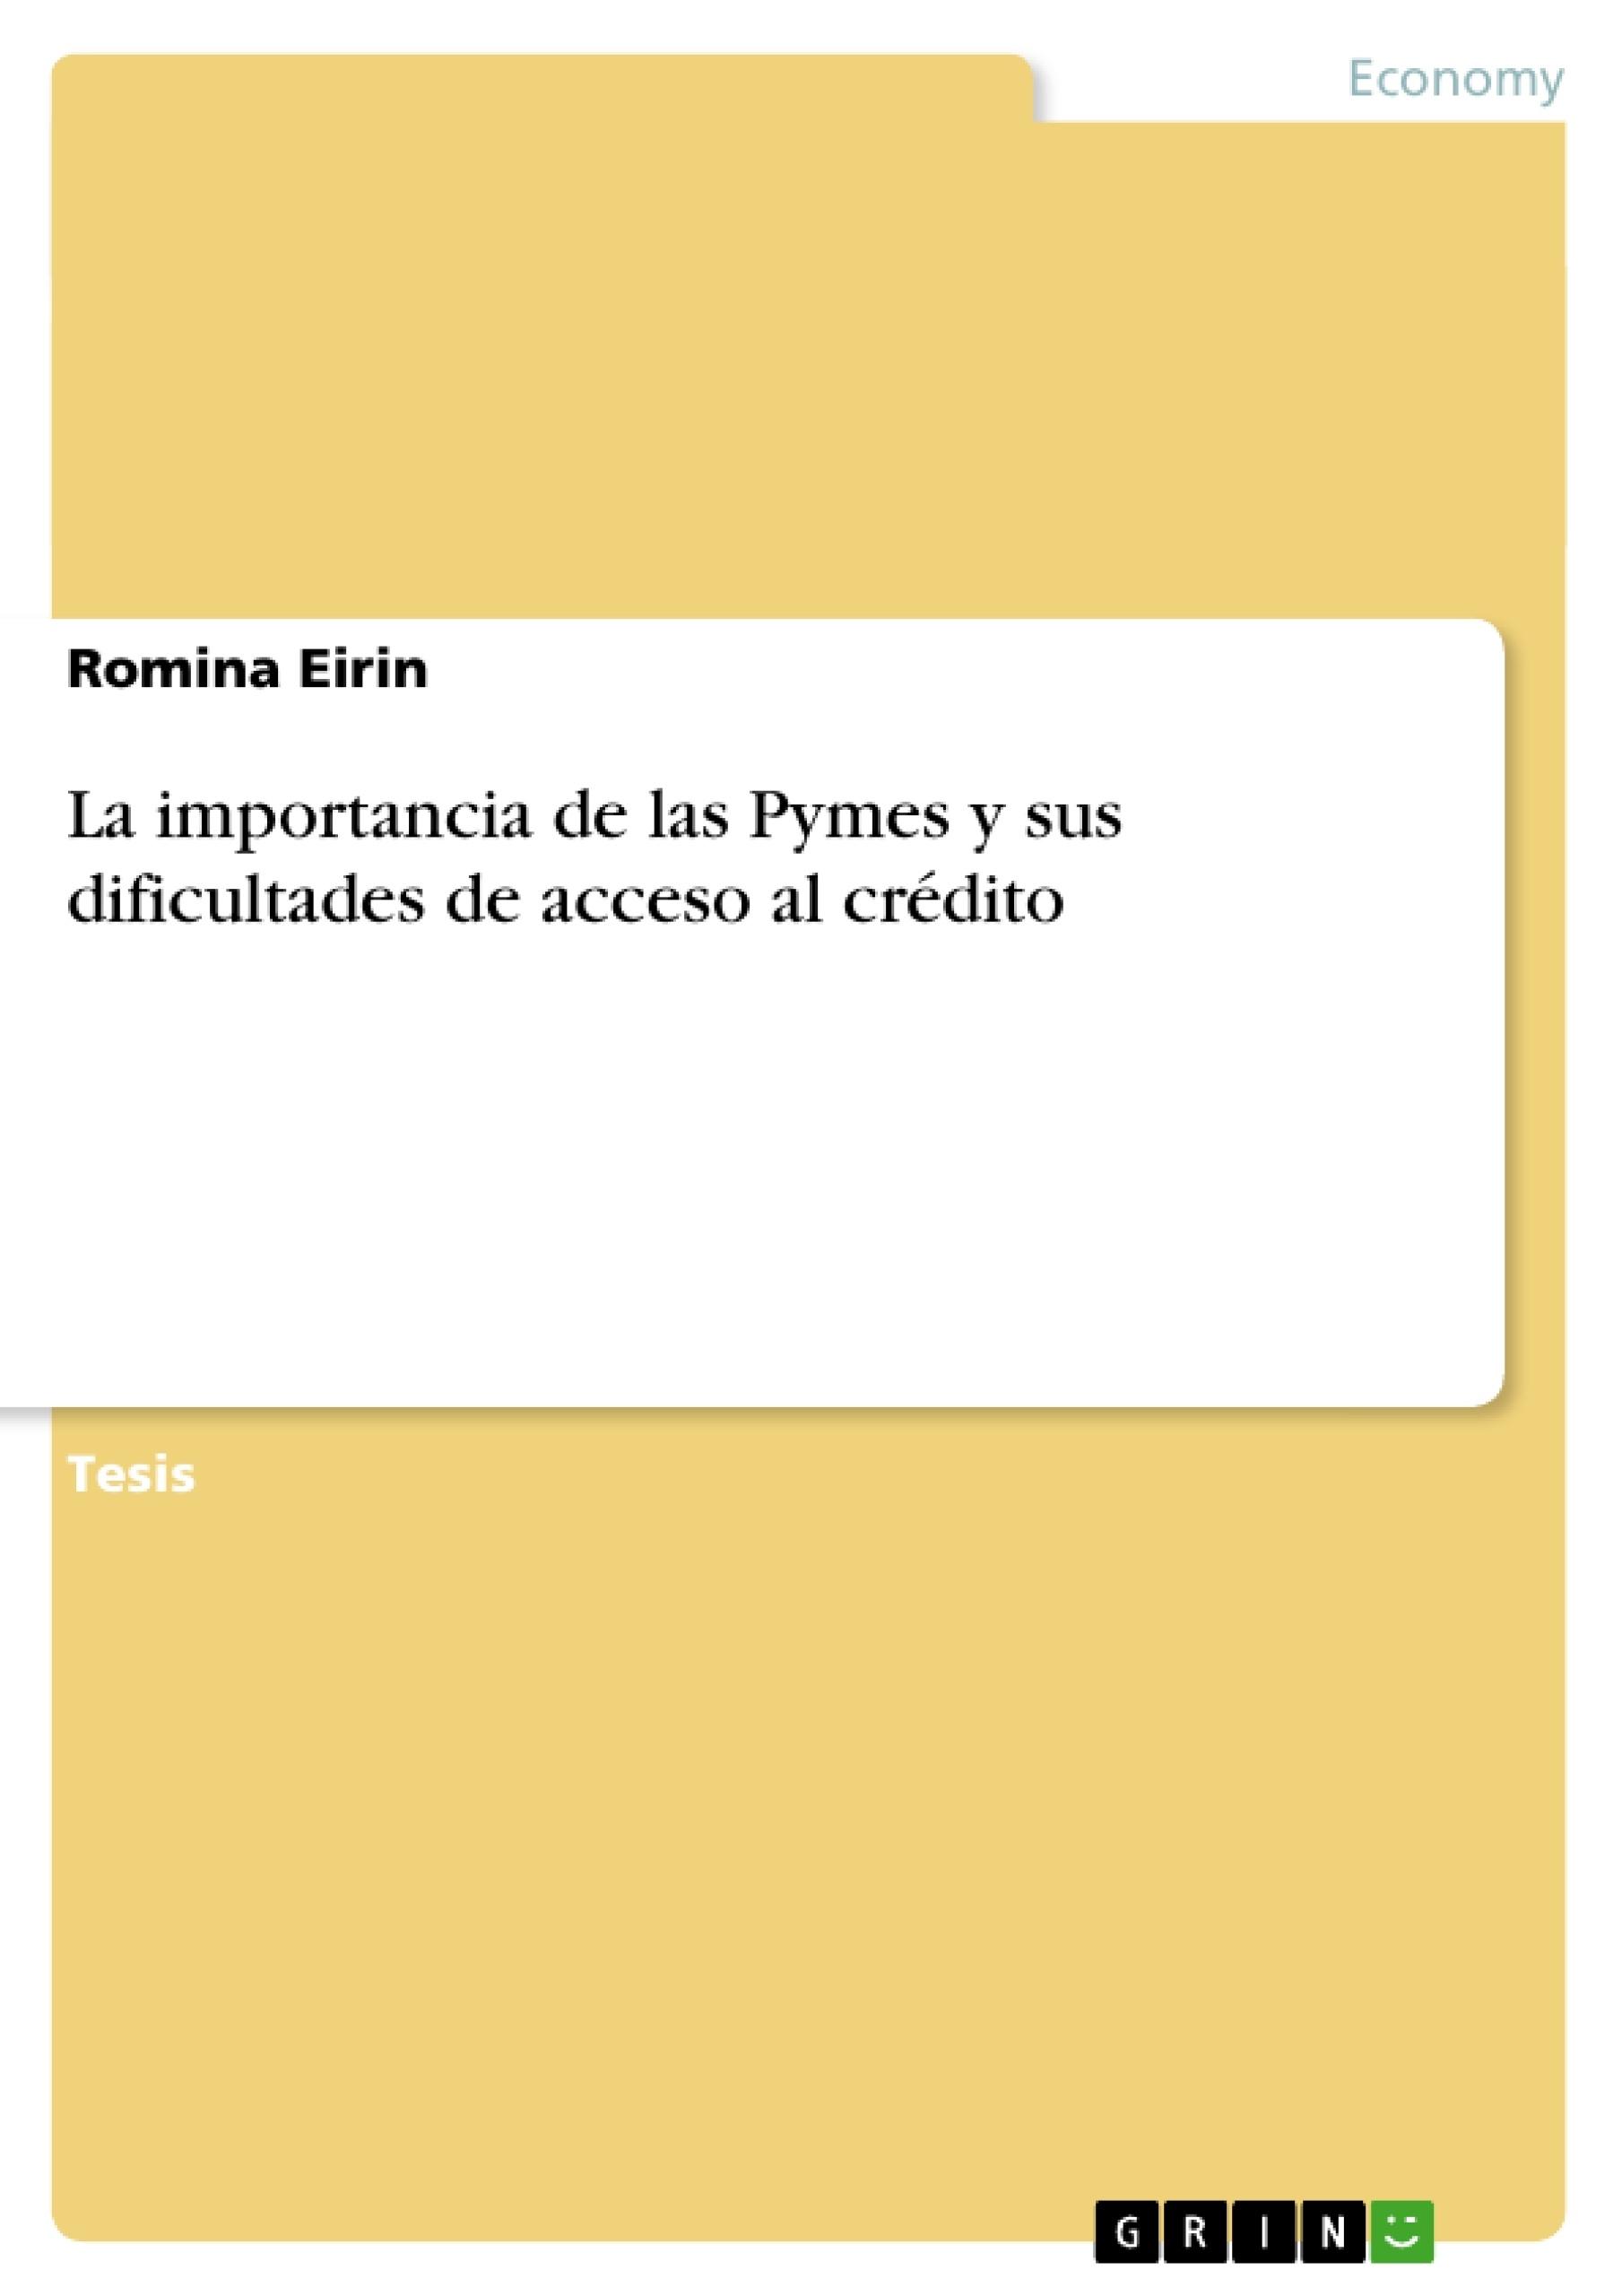 La importancia de las Pymes y sus dificultades de acceso al crédito ...